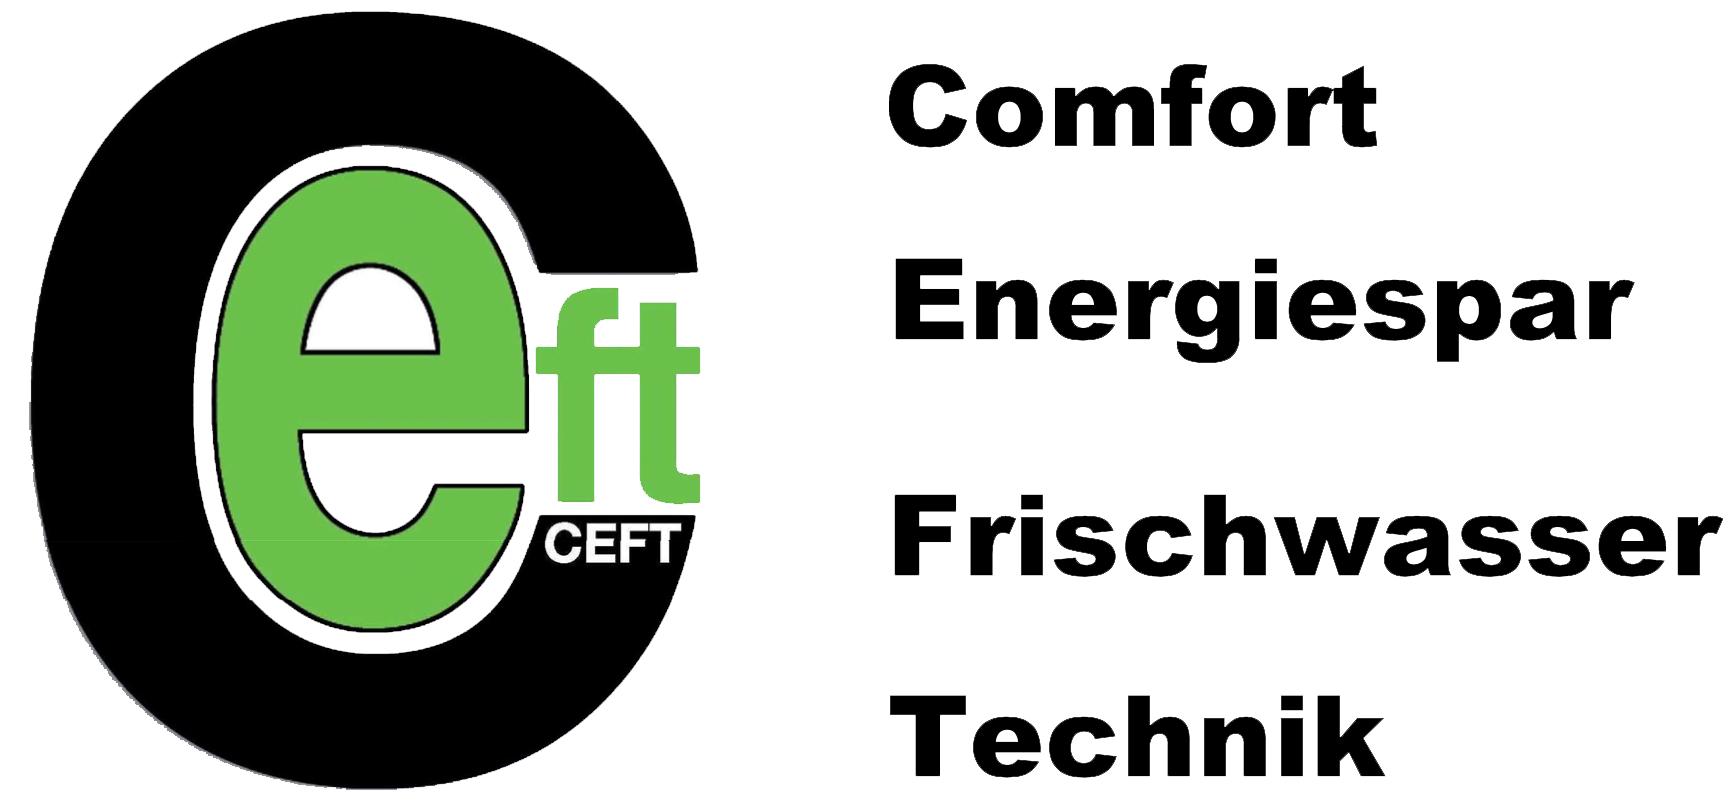 CEFT Frischwassermodule und Wohnungsstationen Österreich | CEFT-Energietechnik aus Linz | Frischwasserstation, Frischwassermodule, Comfort Energiespar Frischwasser Technik Wasserbereitung Wohnungsstation Pufferspeicher